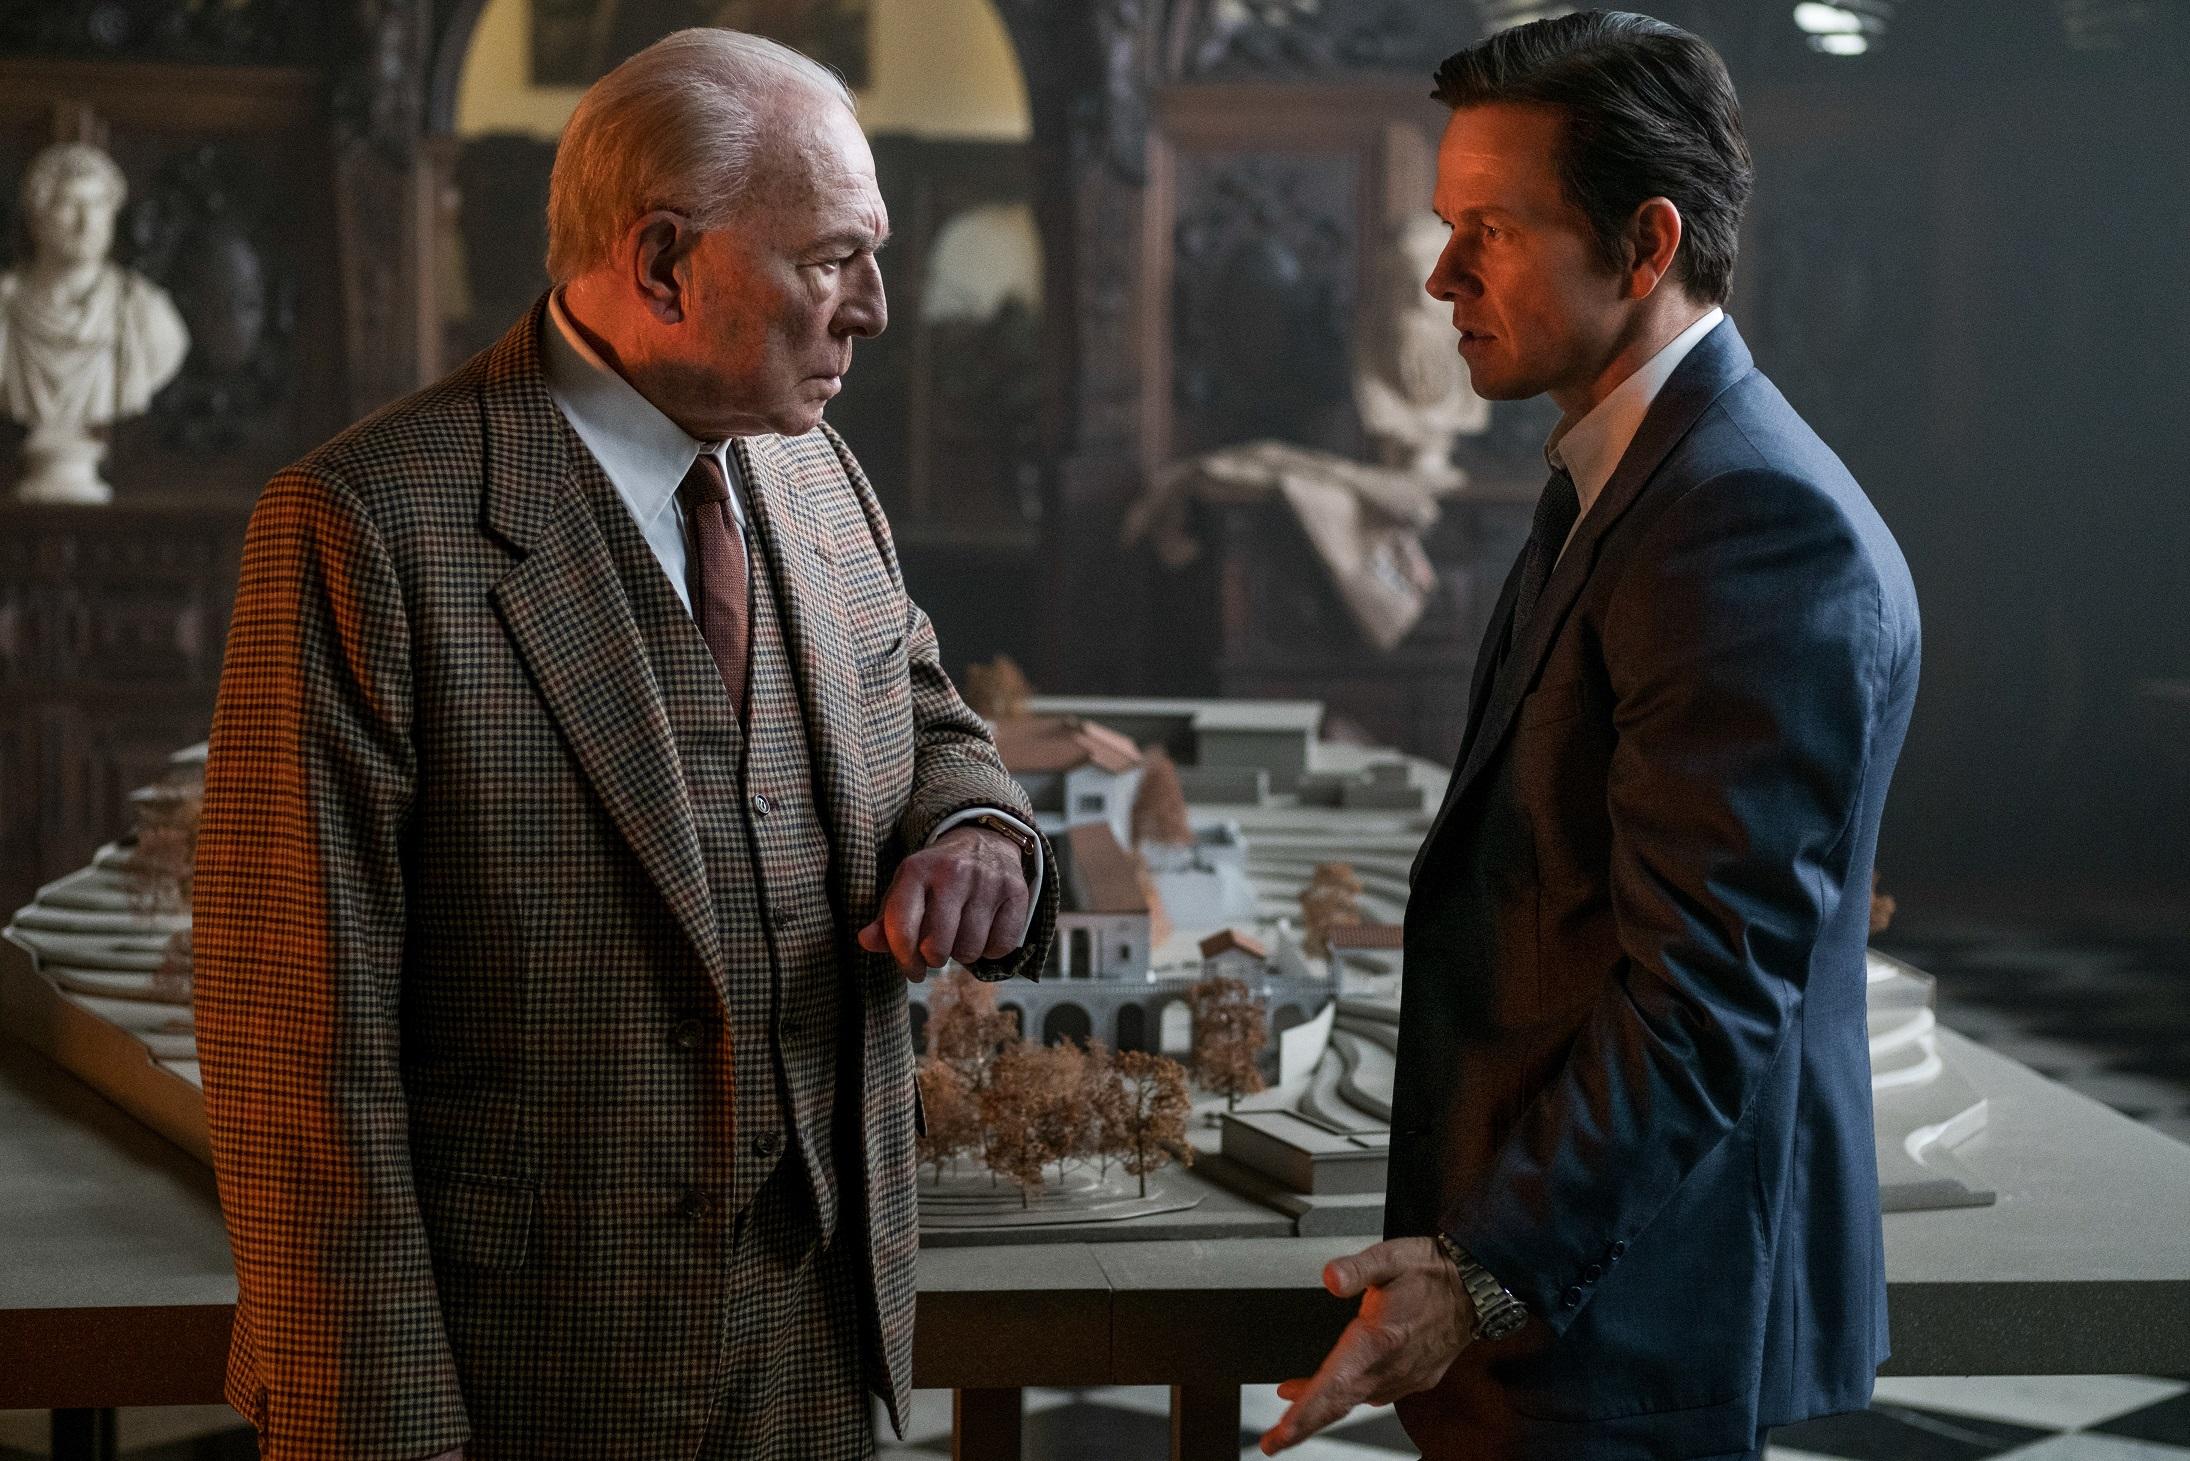 《金錢世界》破奧斯卡紀錄 僅拍9天入圍最佳男配角 克里斯多夫再獲肯定